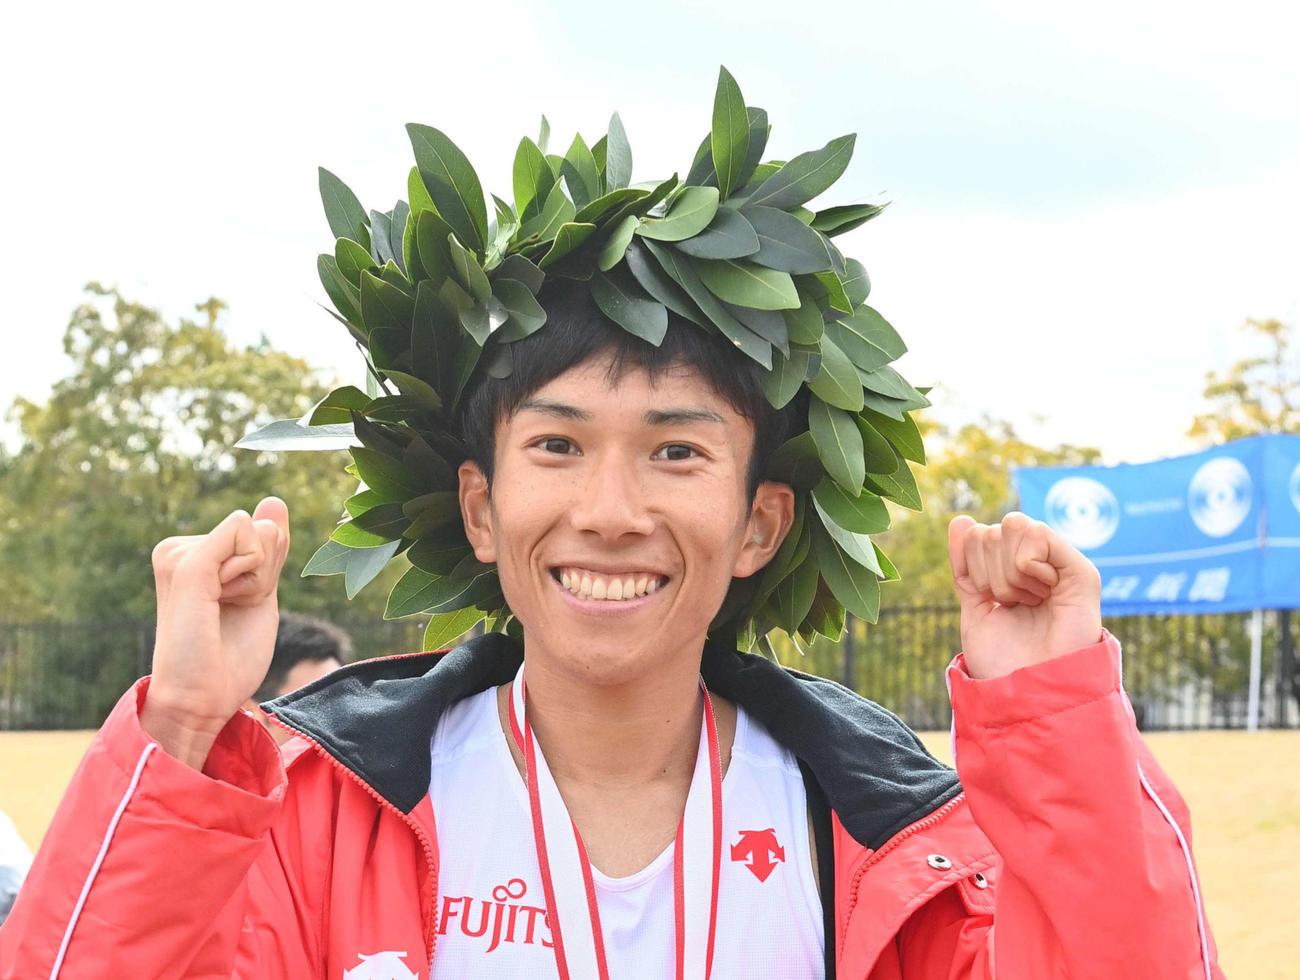 びわ湖毎日マラソン大会を制し笑顔を見せる鈴木健吾選手(撮影・上田博志)